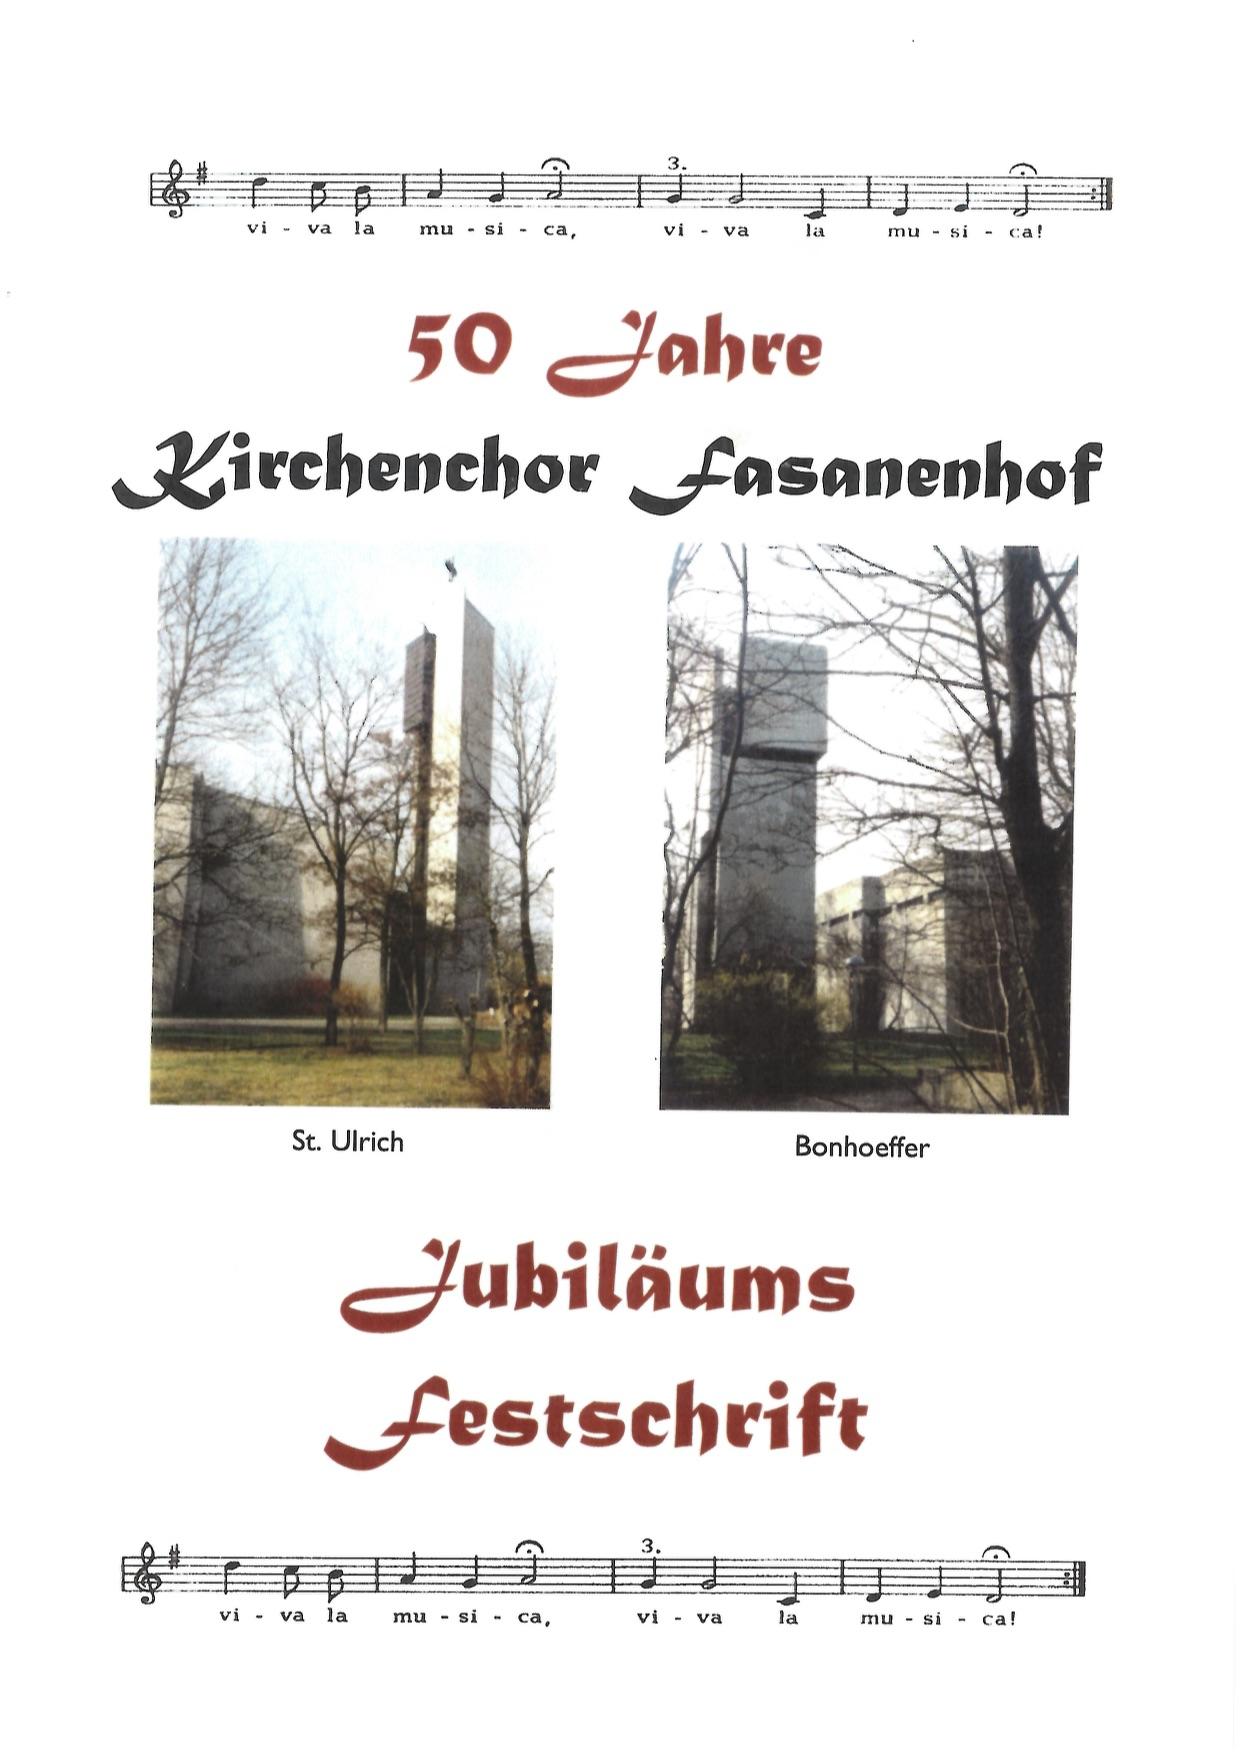 Festschrift2012_1